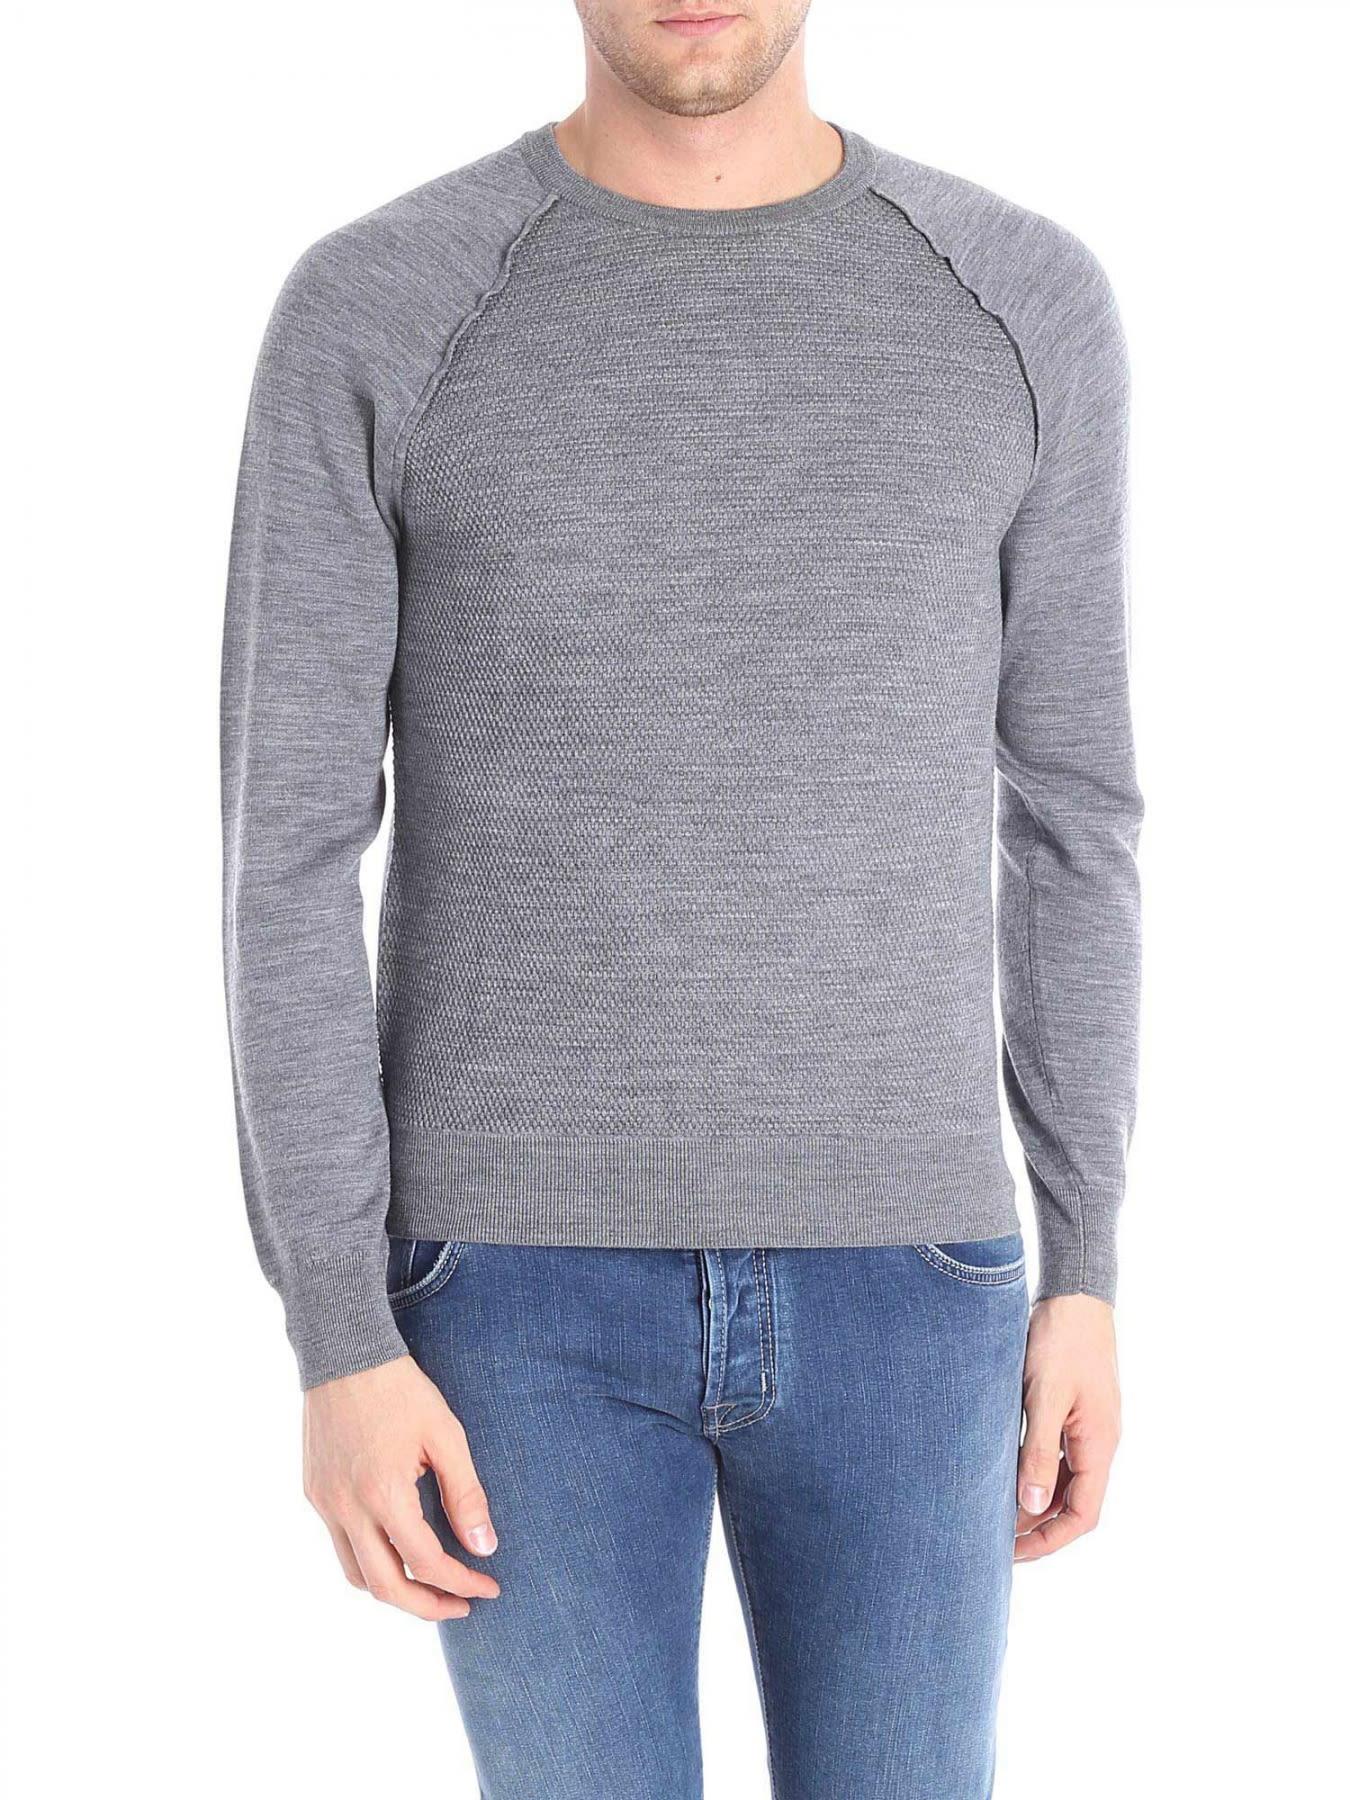 Round Neck Wool Cotton